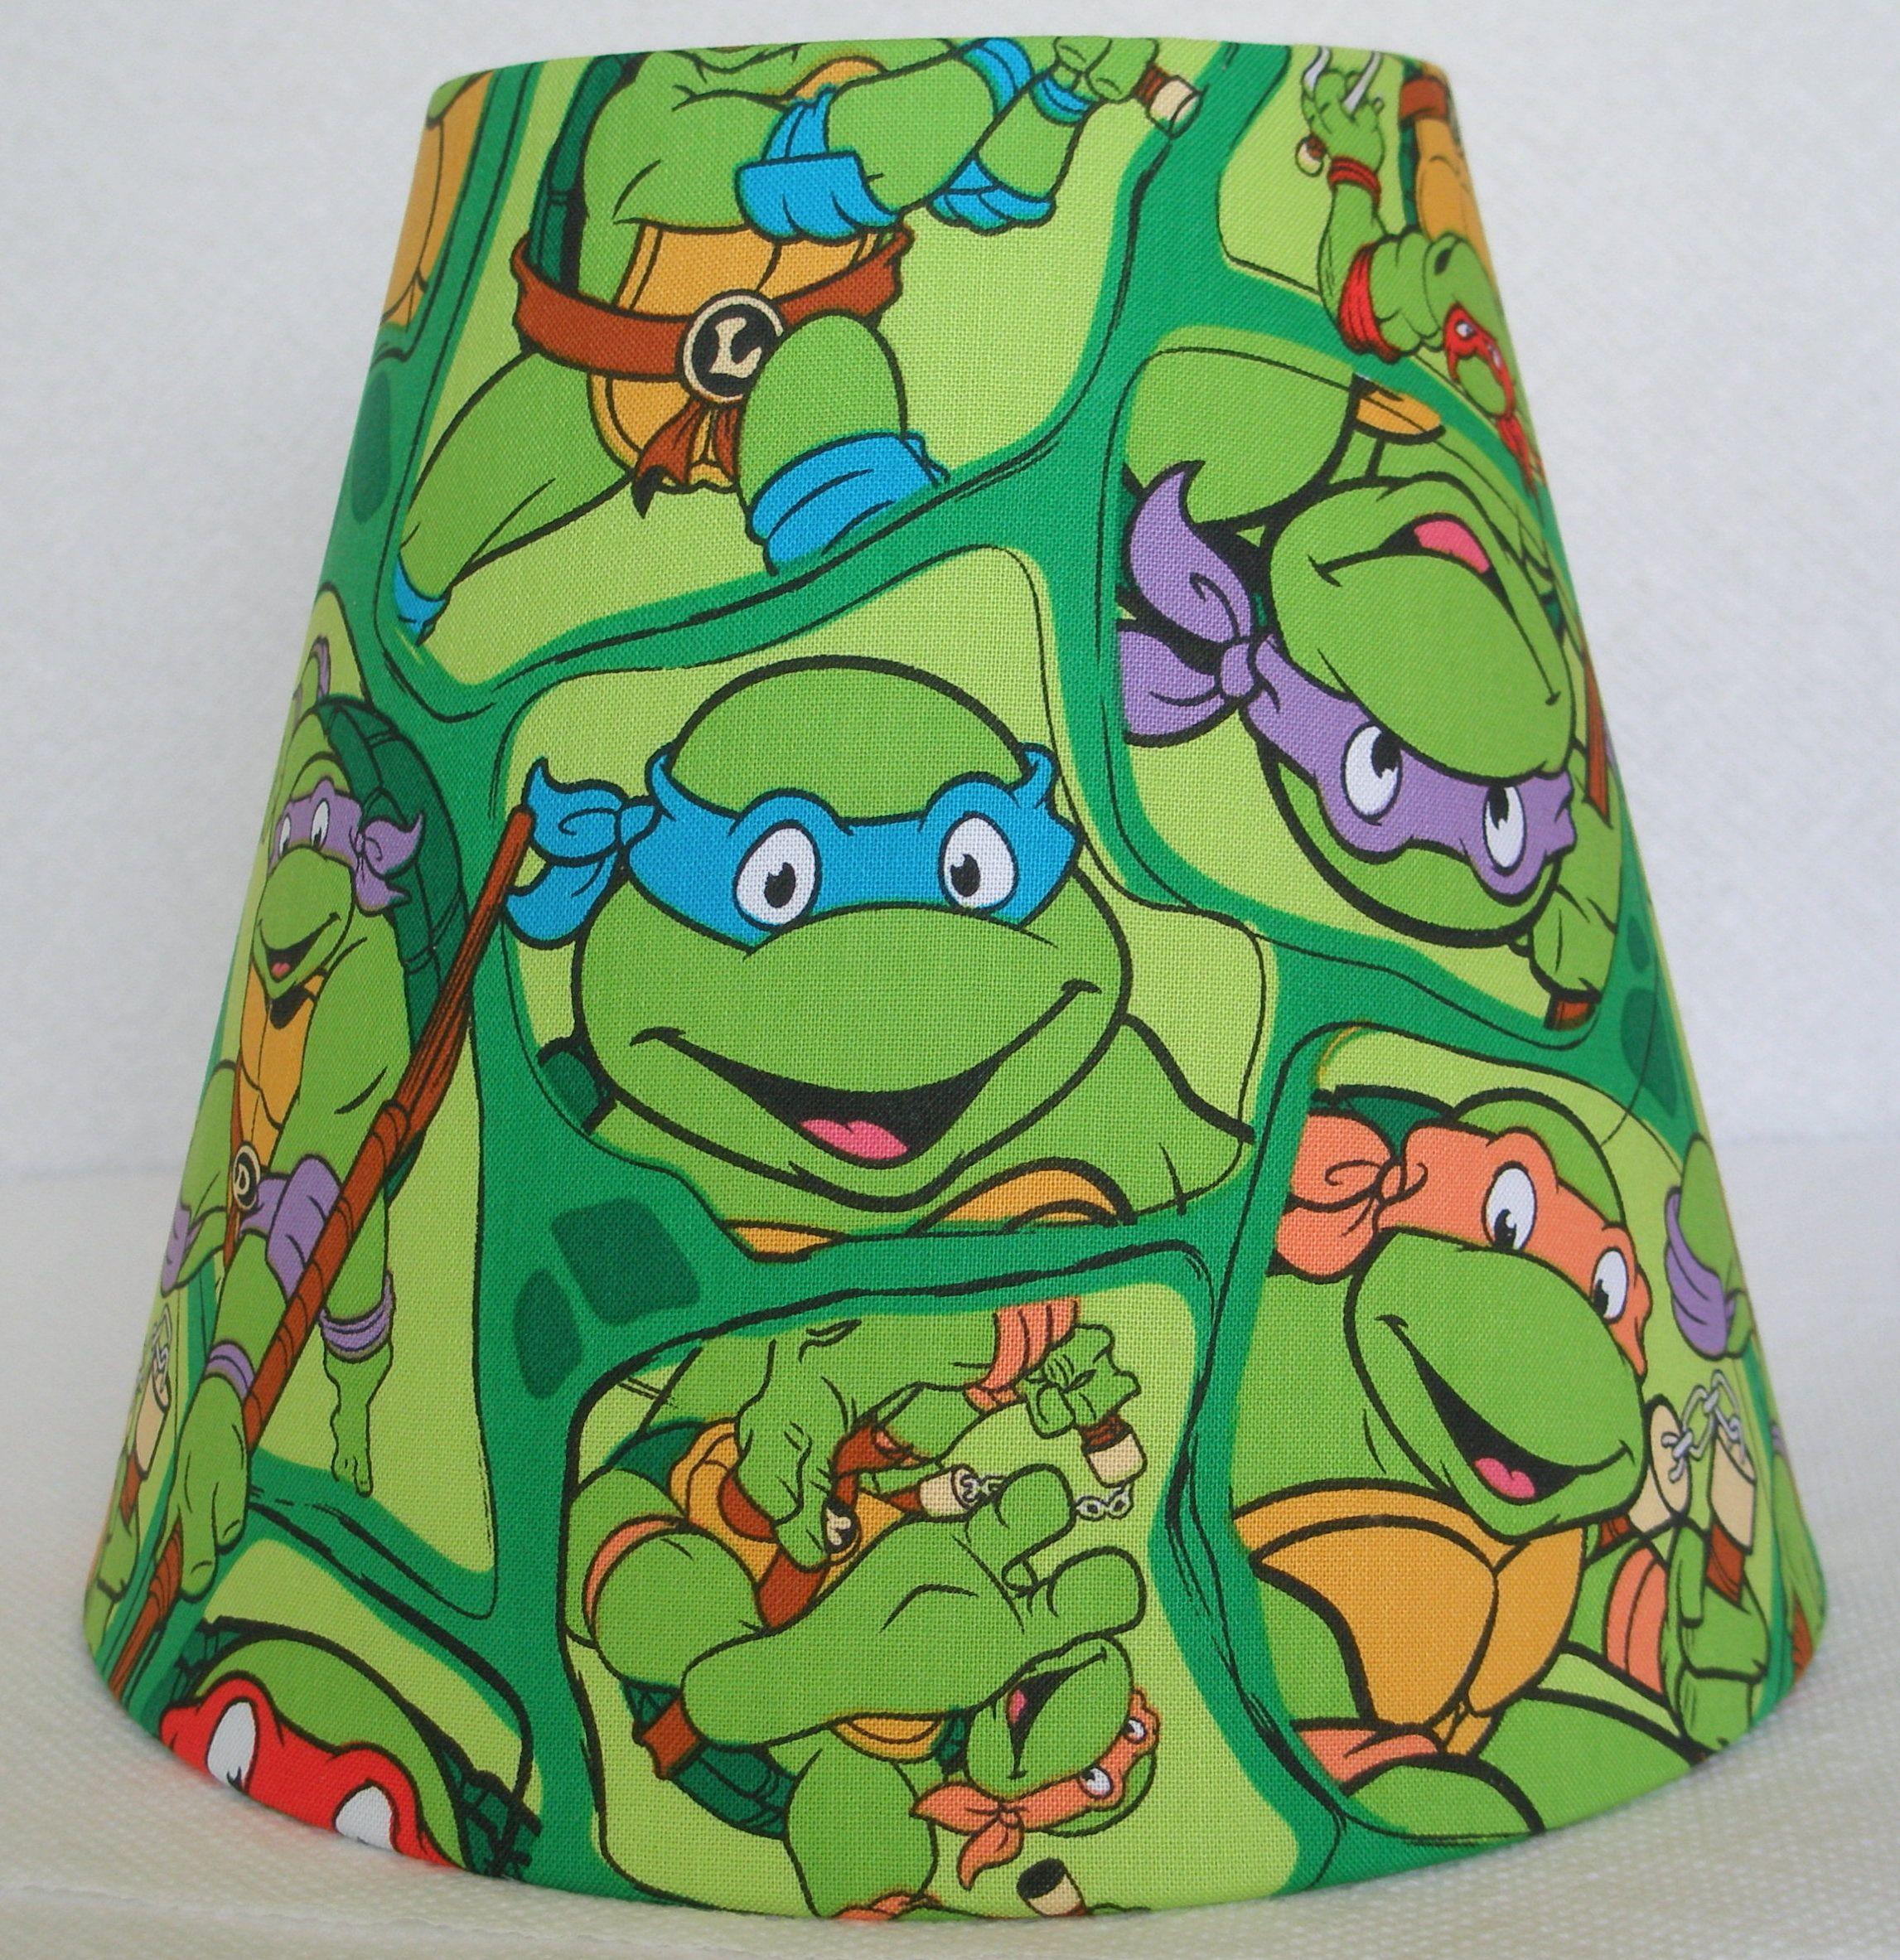 Teenage mutant ninja turtles kids lamp shade boys room decor ideas